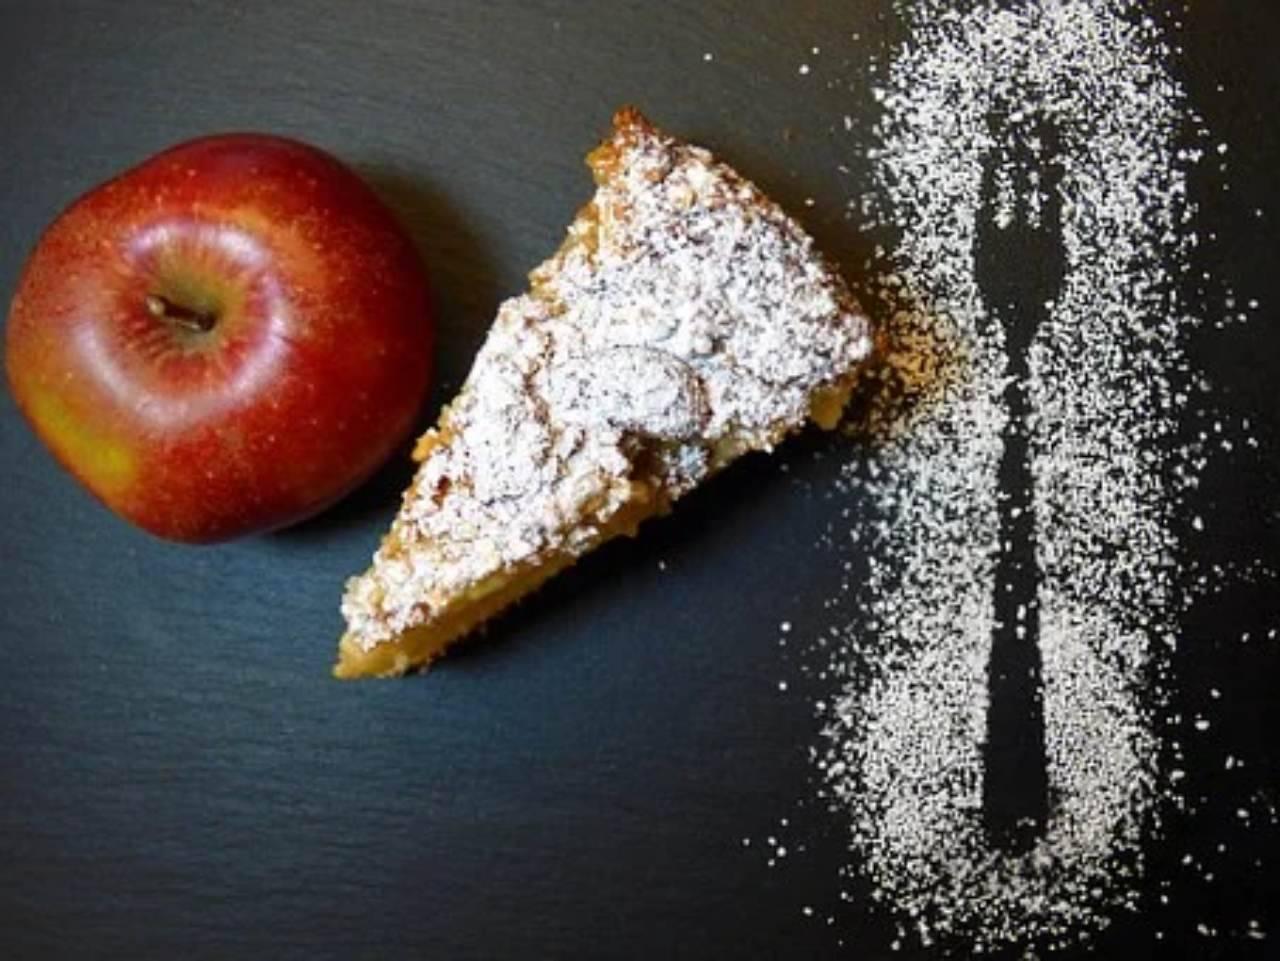 Torta di mele soffice: in questo modo non l'avete mai preparata (Fonte foto: Pixabay)